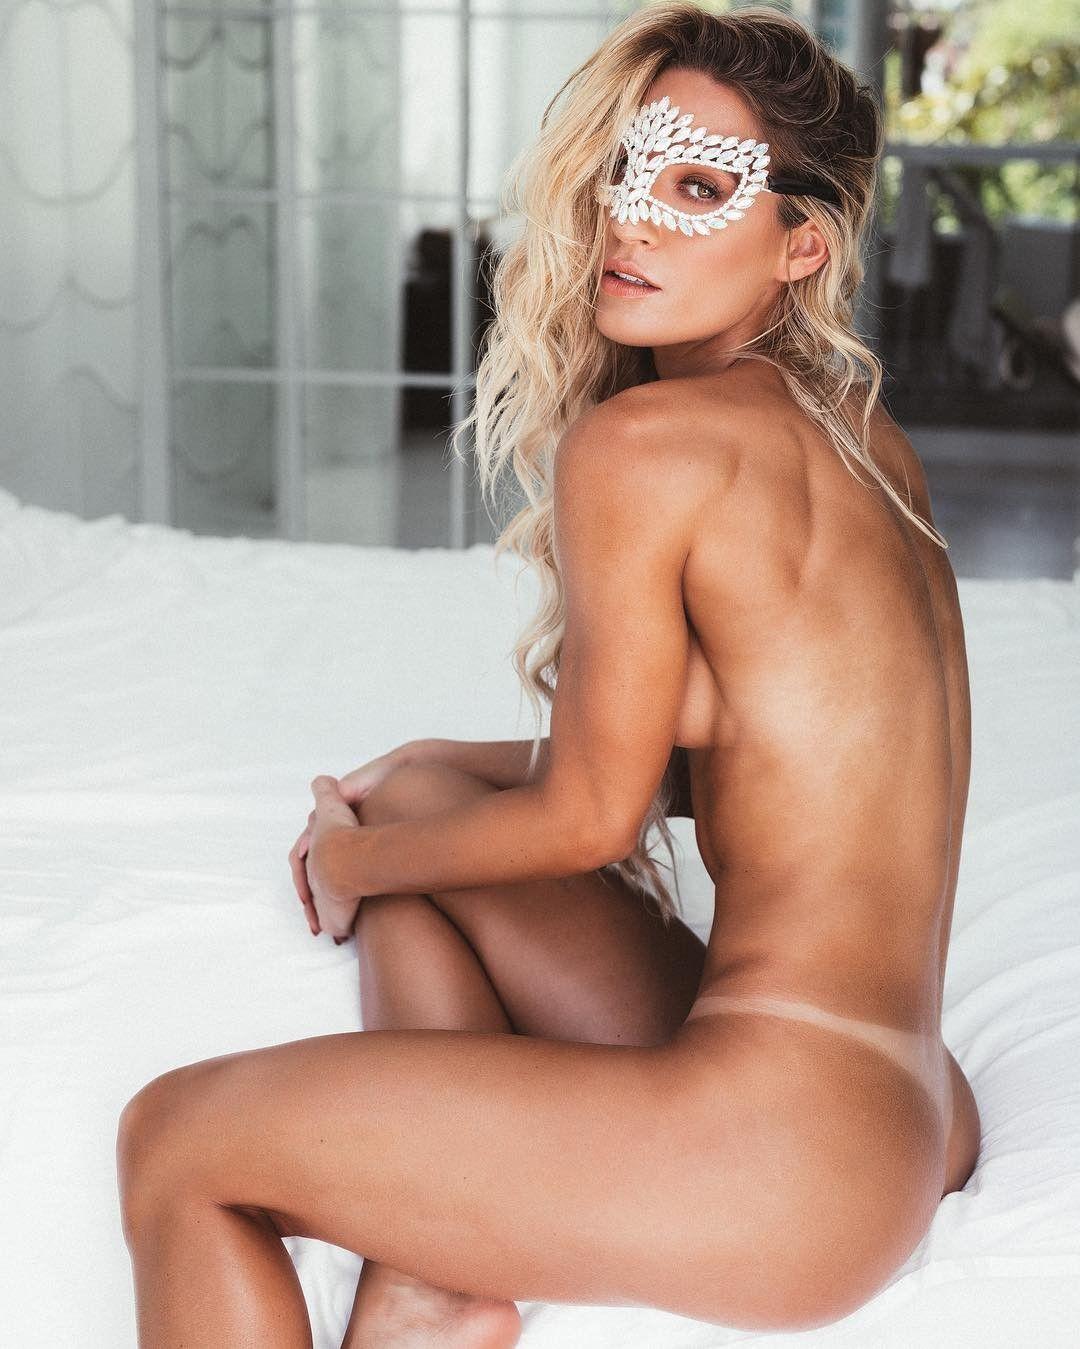 Valentina lequeux hot nude (35 pic)